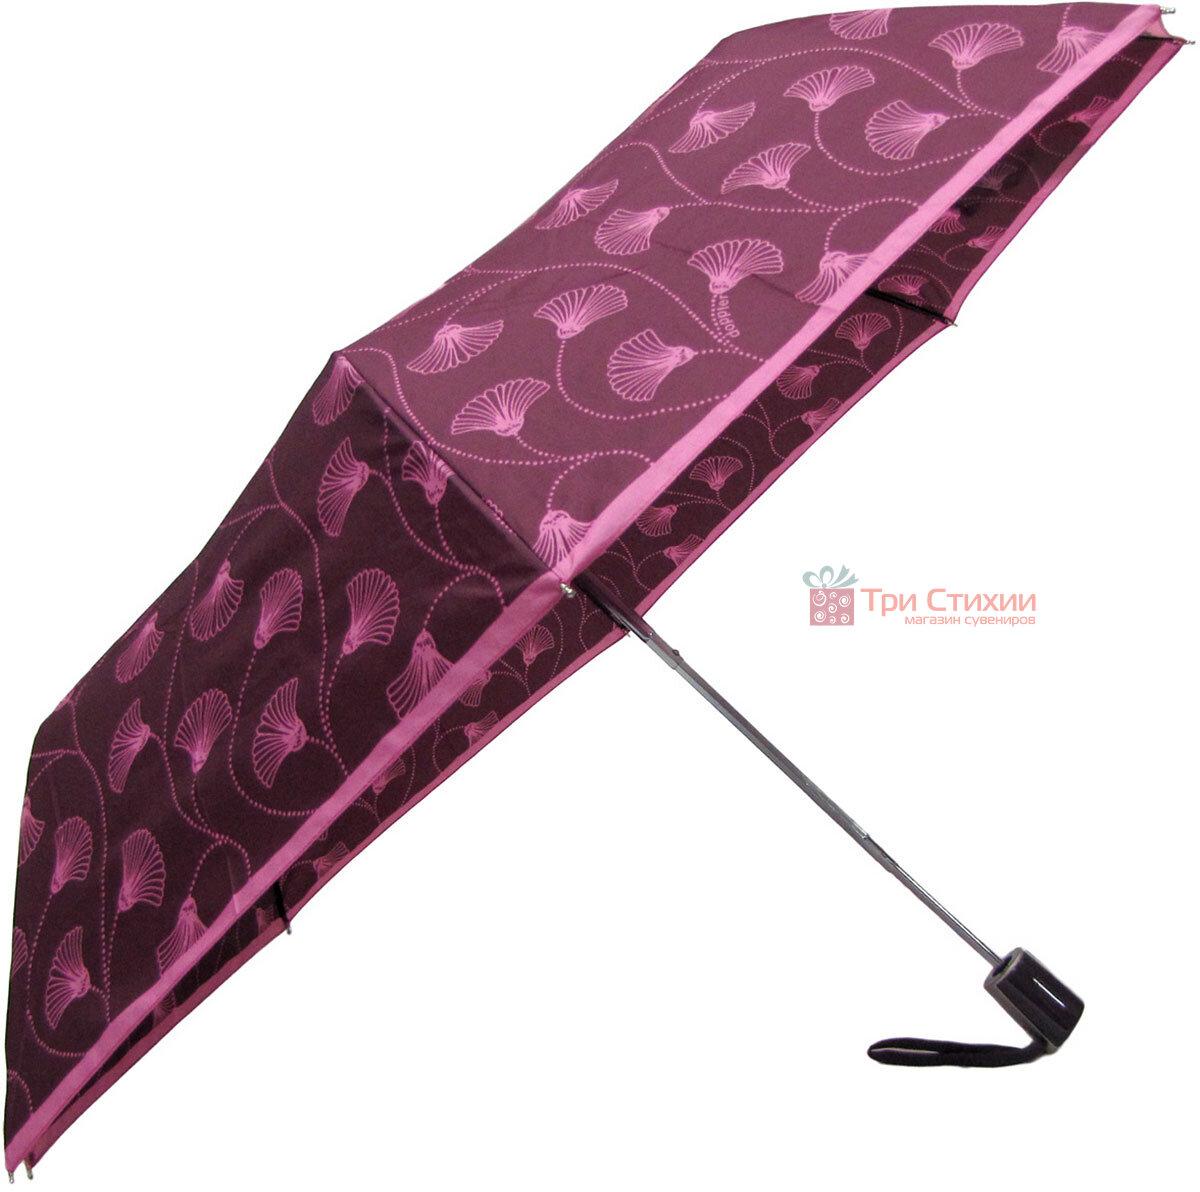 Зонт складной Doppler 7301653003-3 полуавтомат Бордовый Цветы, фото 3